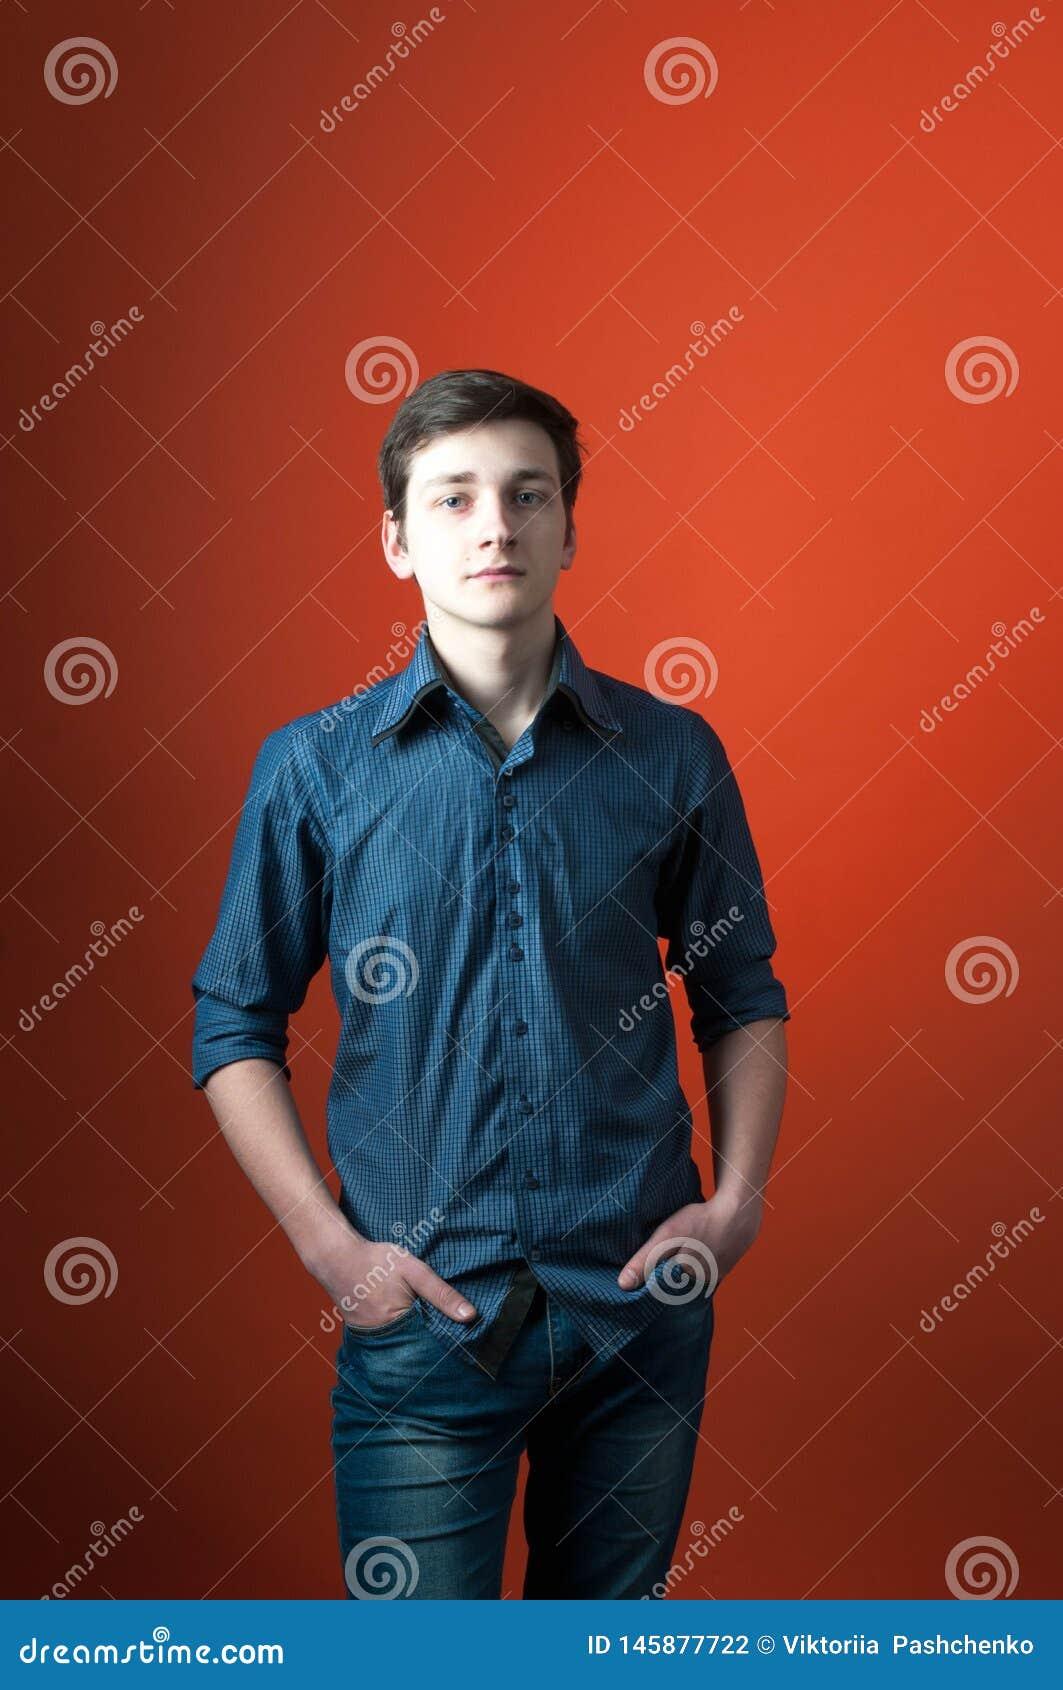 Barista i blå skjorta och jeans som står med händer i fack och ser kameran på orange bakgrund